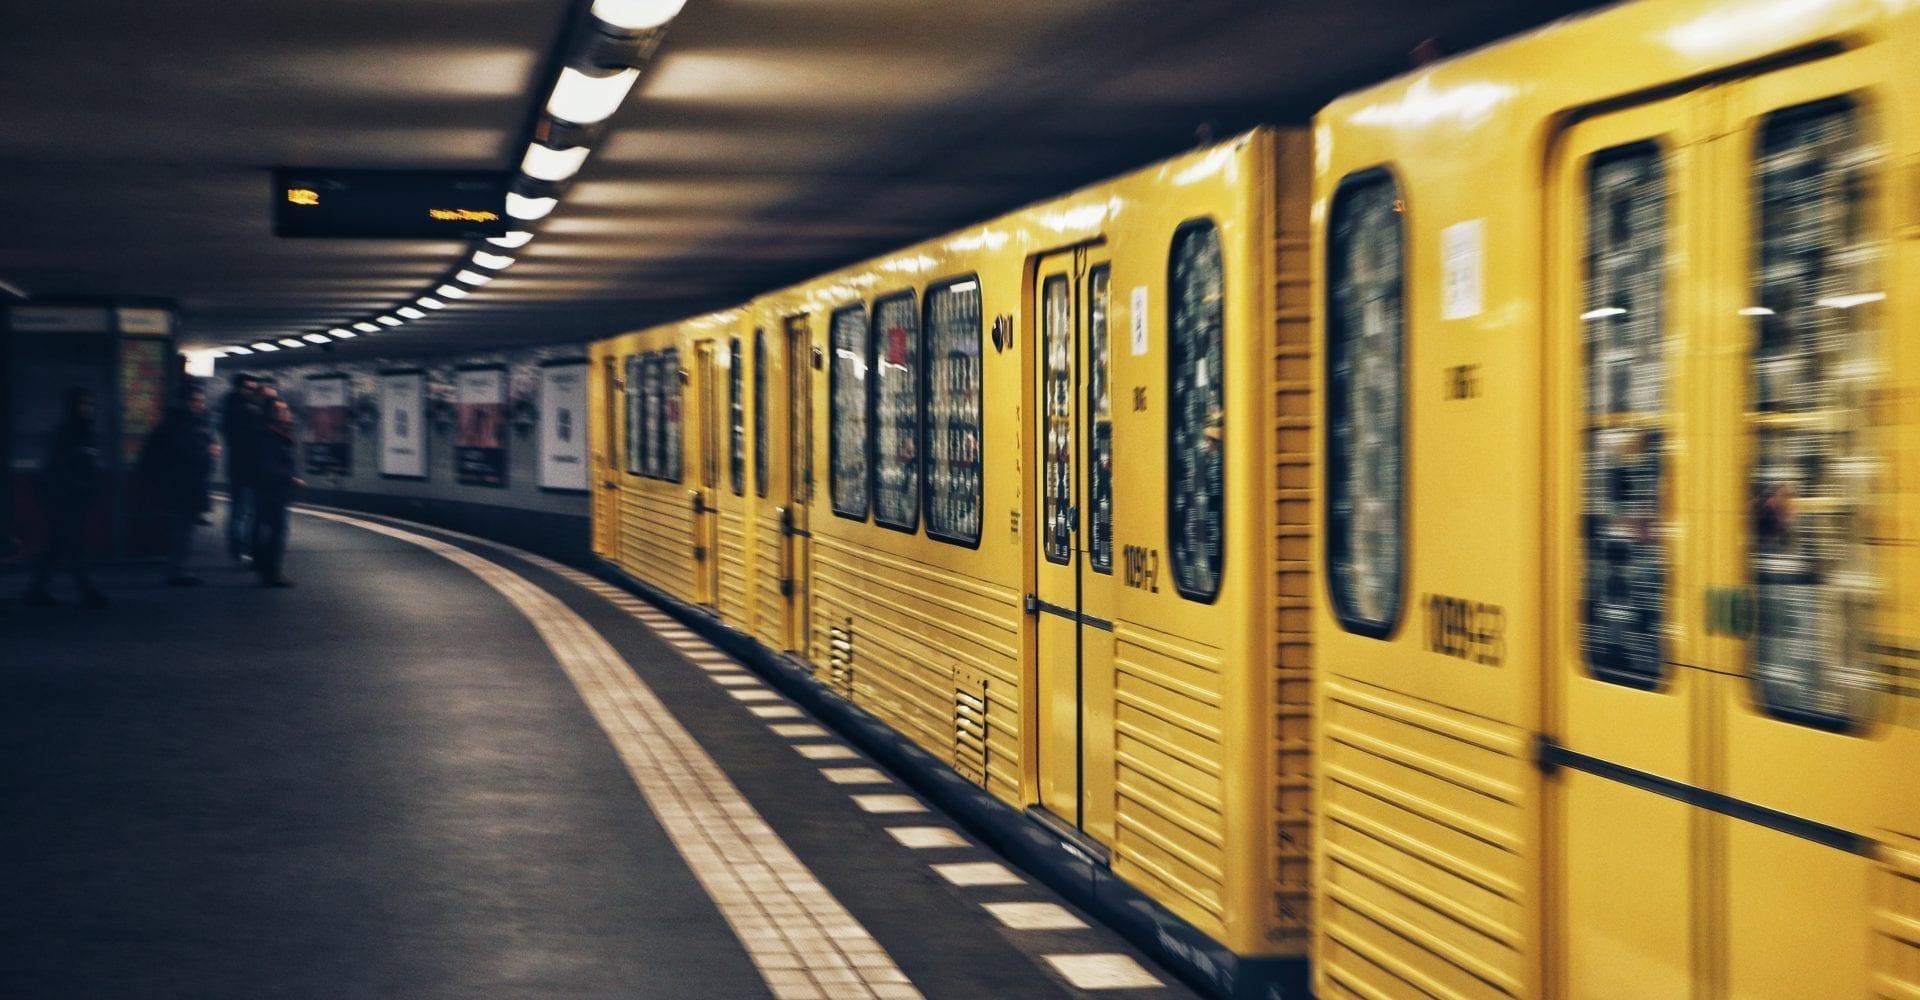 All-in-one: So möchte BVG die Berliner Mobilität revolutionieren